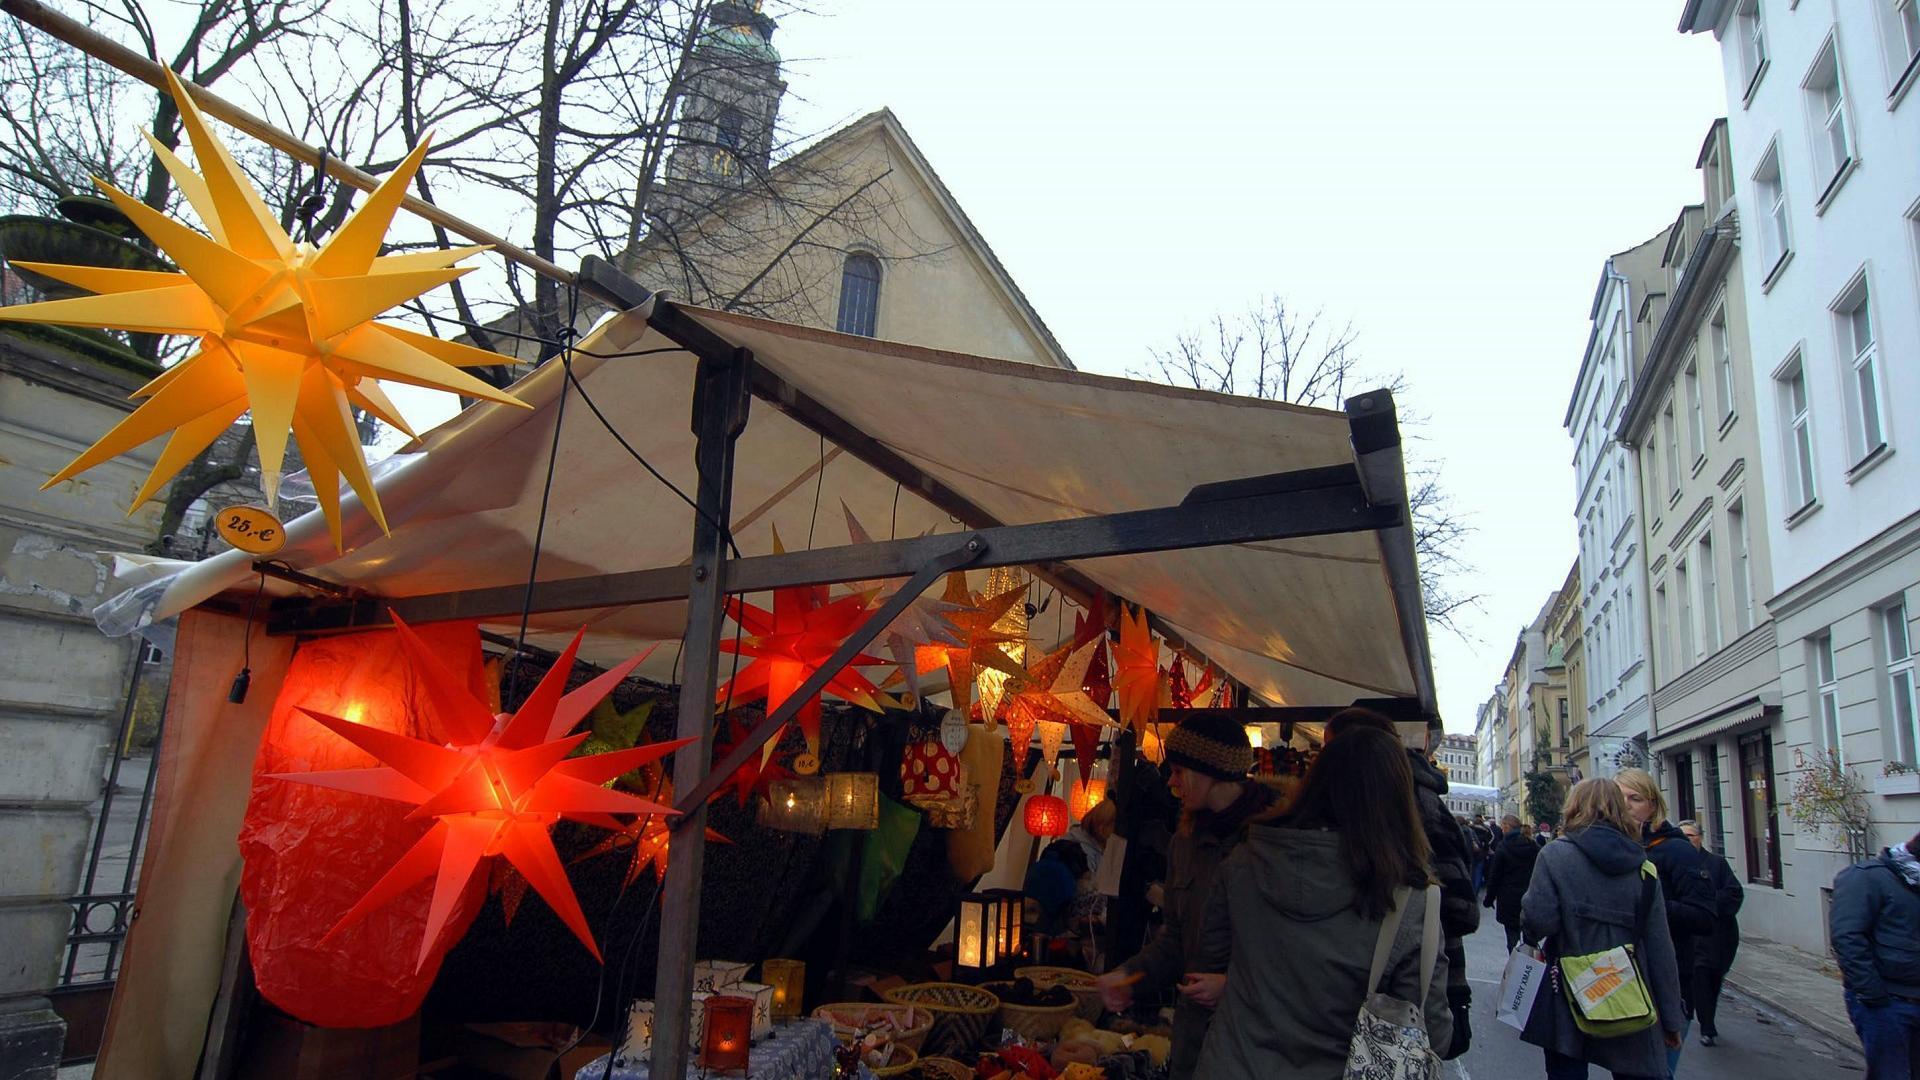 Weihnachtsstand auf dem Umwelt- und Weihnachtsmarkt in der Sophienstraße